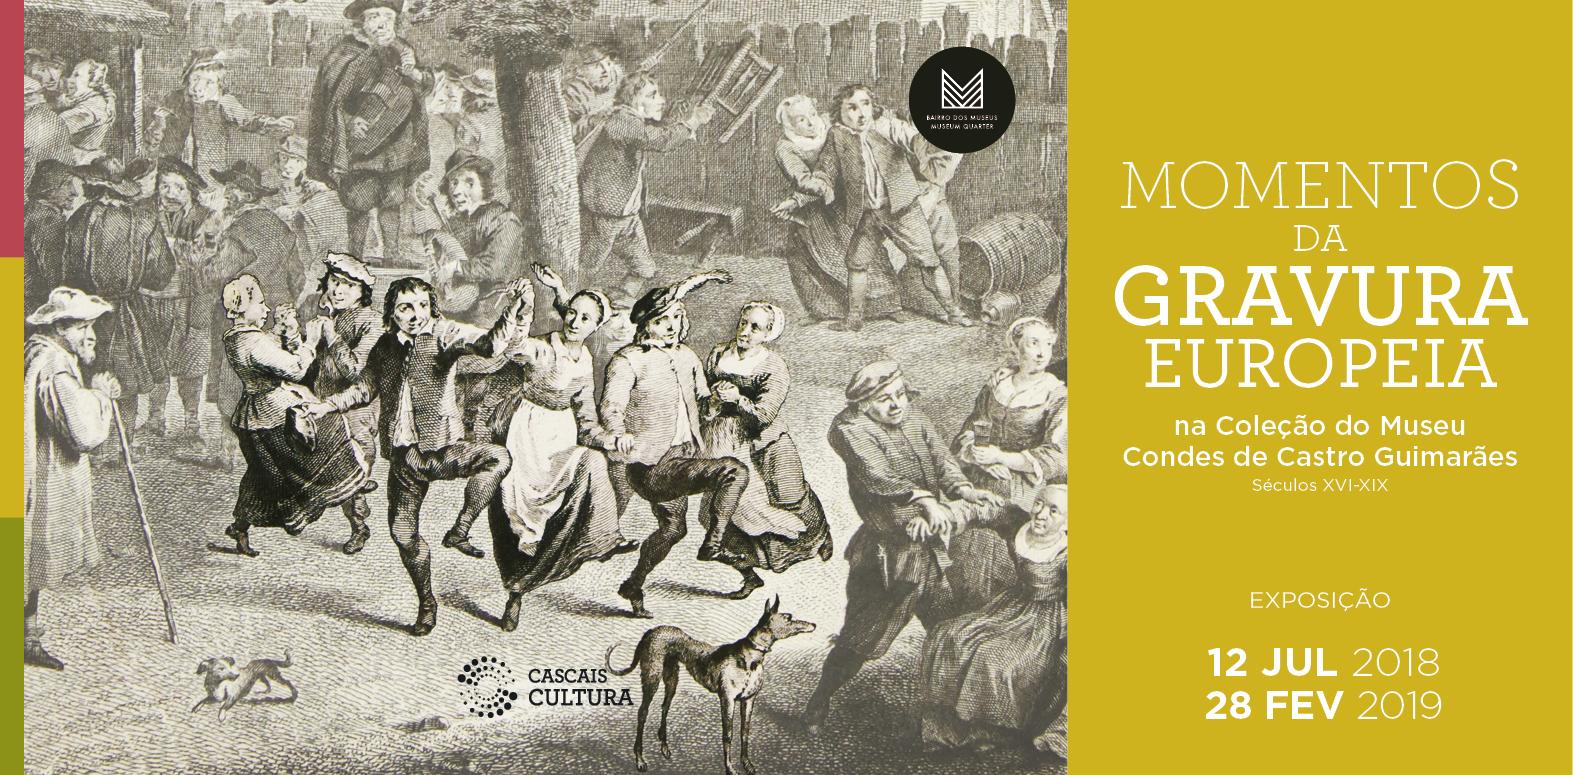 Momentos da Gravura Europeia na Coleção do Museu Condes de Castro Guimarães